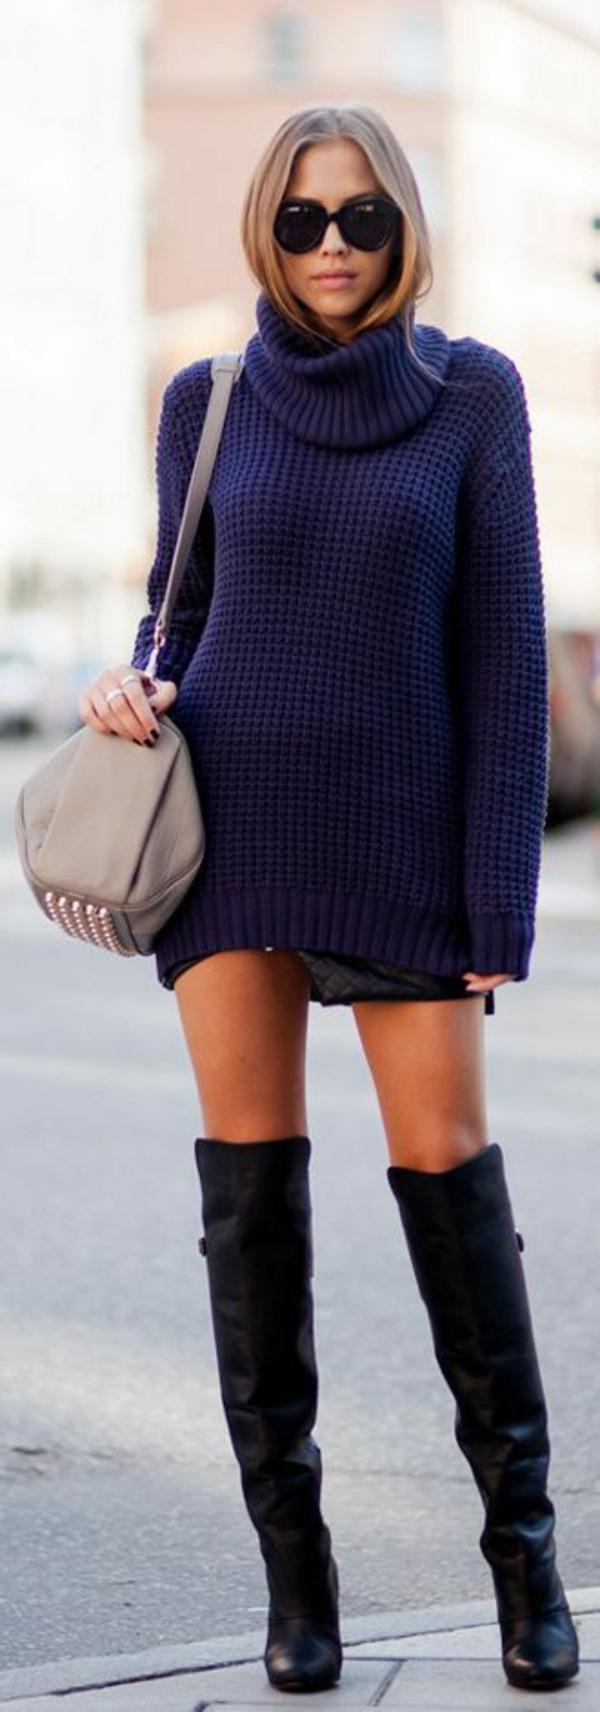 20 Luxus Damen Winterkleider Ärmel Spektakulär Damen Winterkleider für 2019